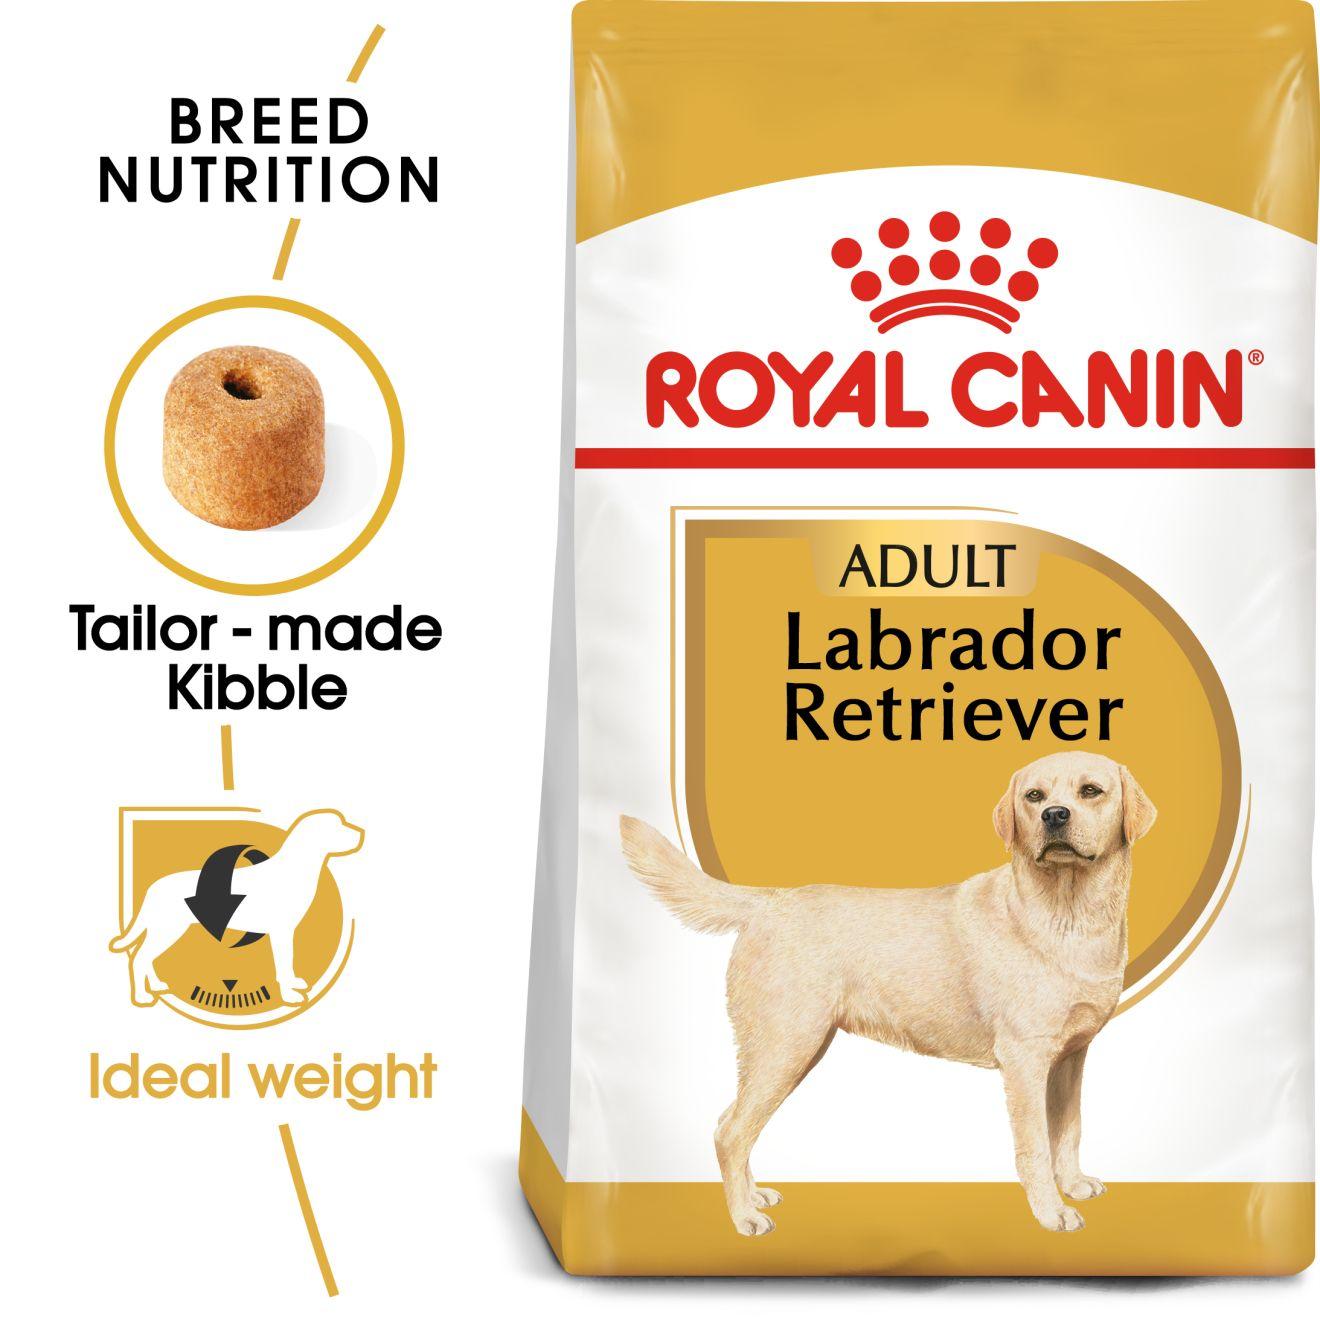 Labrador Retriever Adult